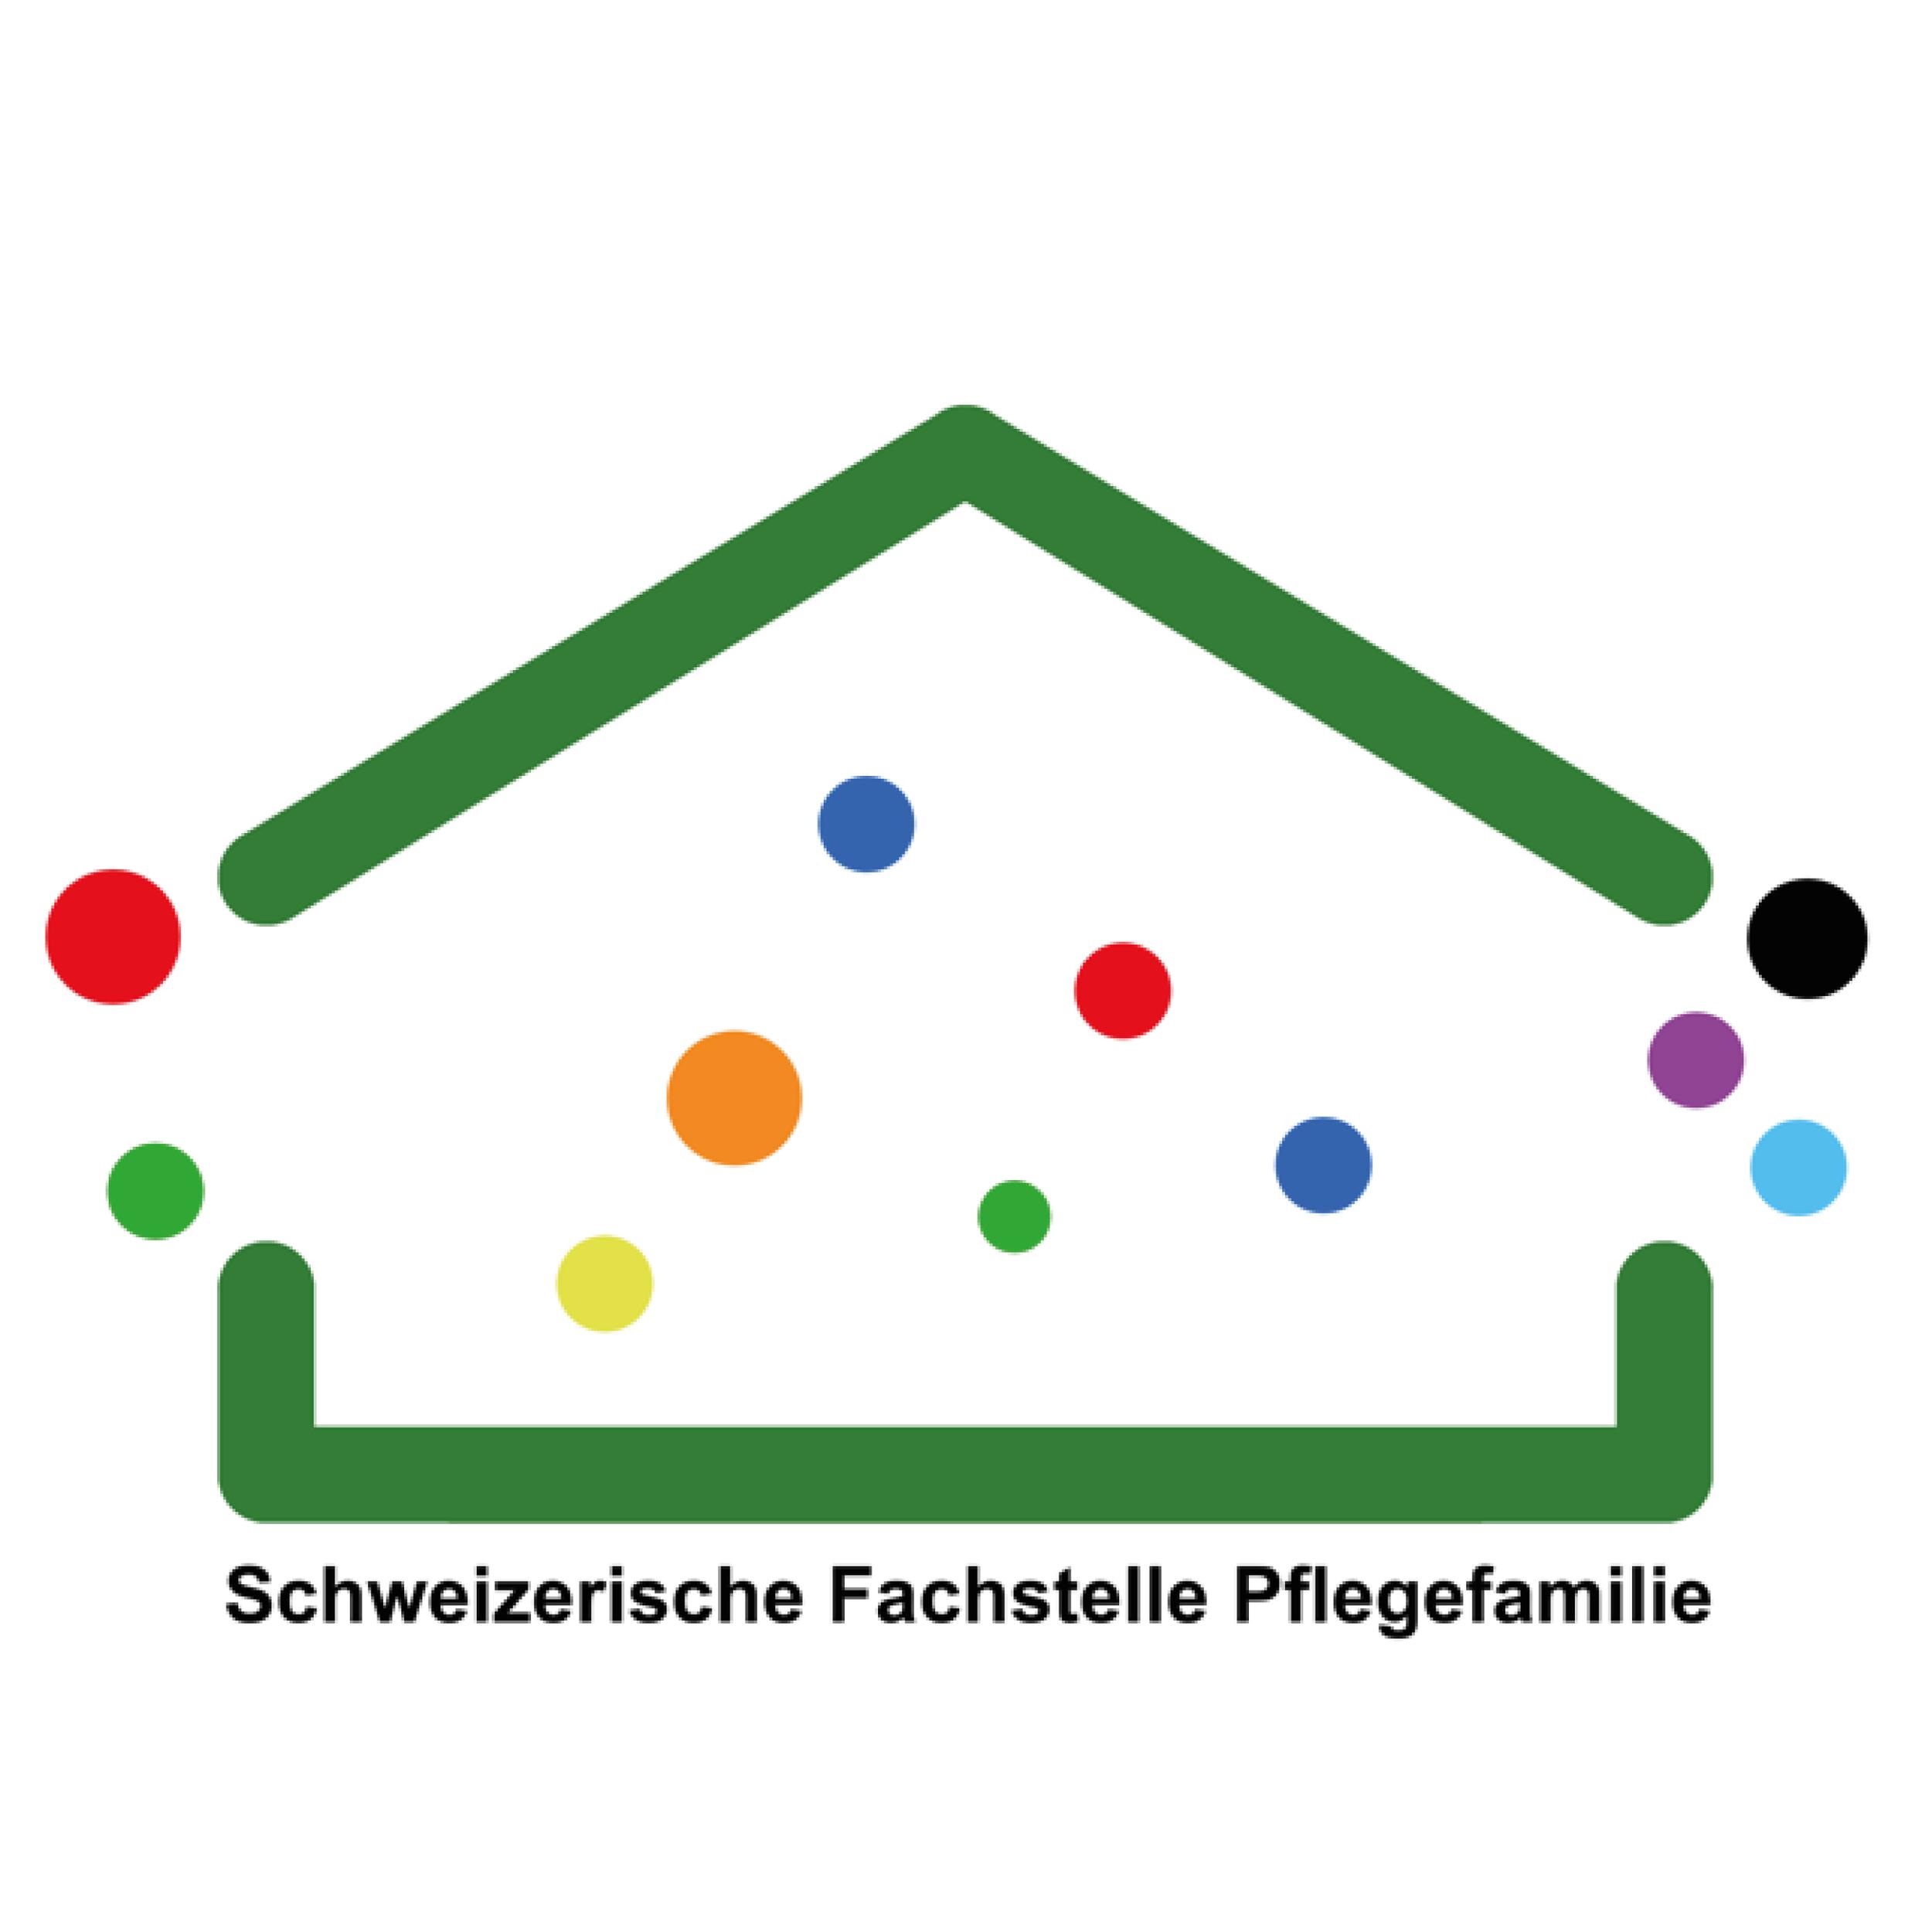 Schweizerische Fachstelle Pflegefamilie.png